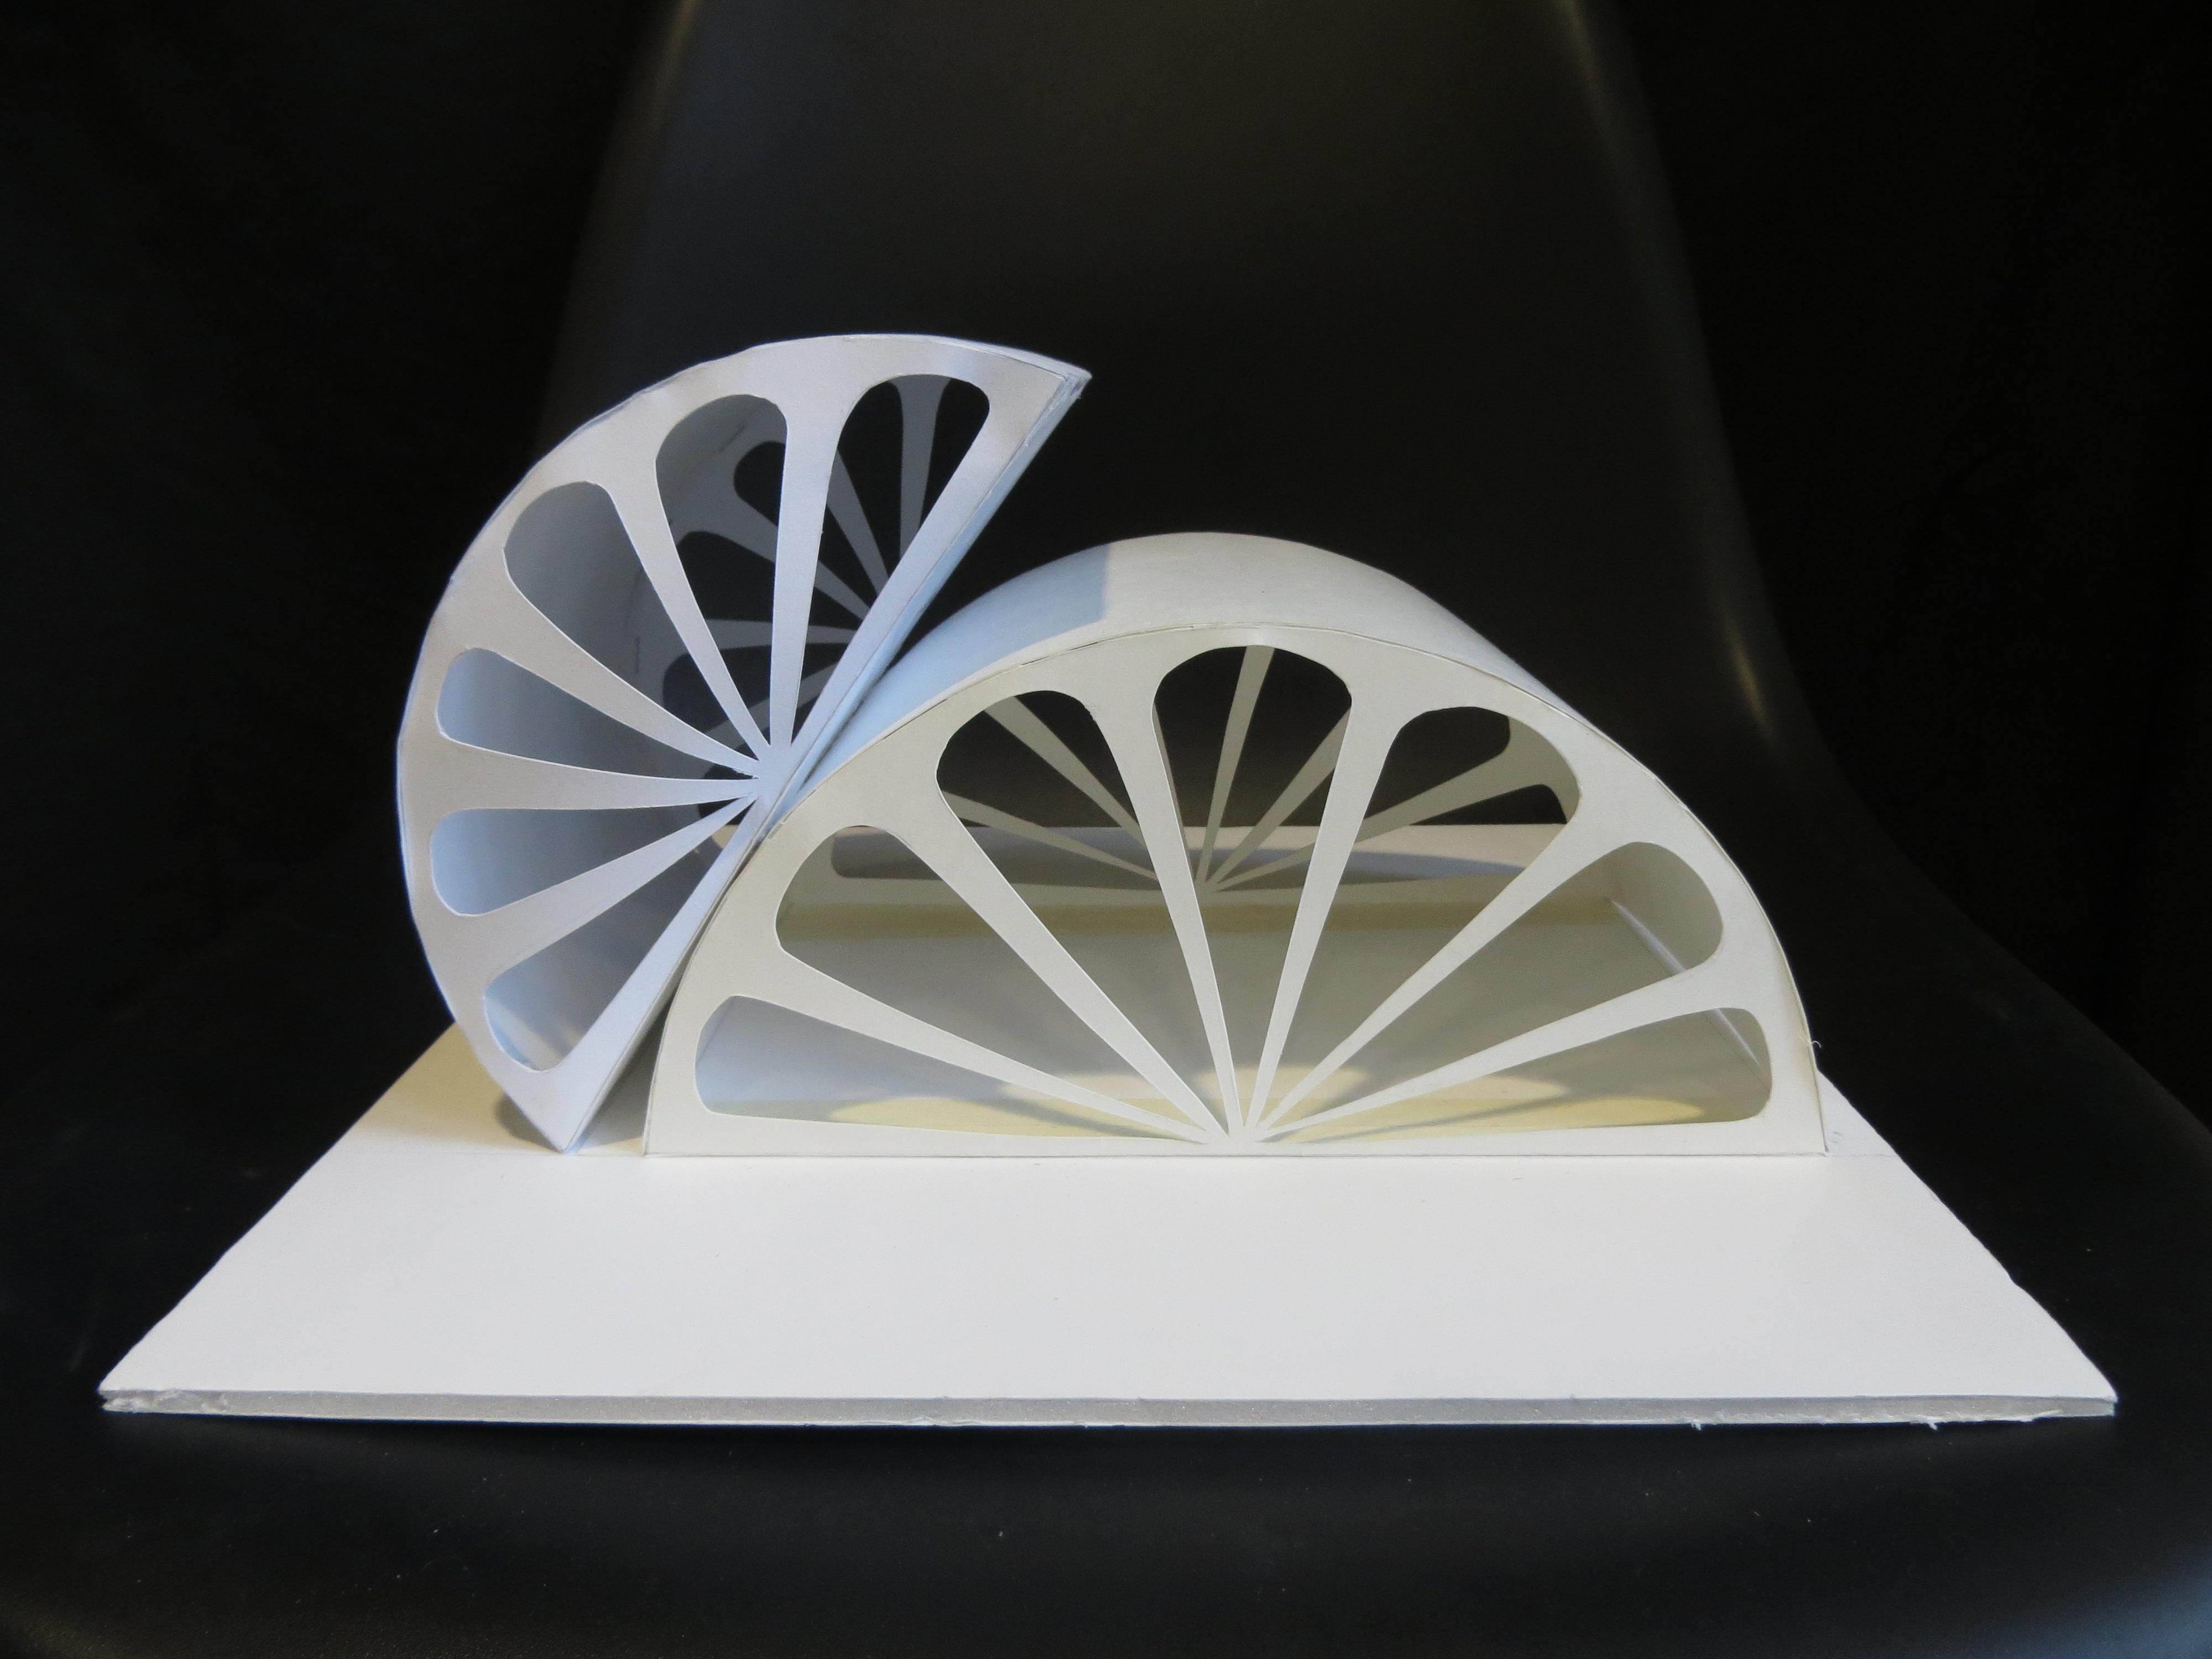 3 dimensional design exploration project lemon shape